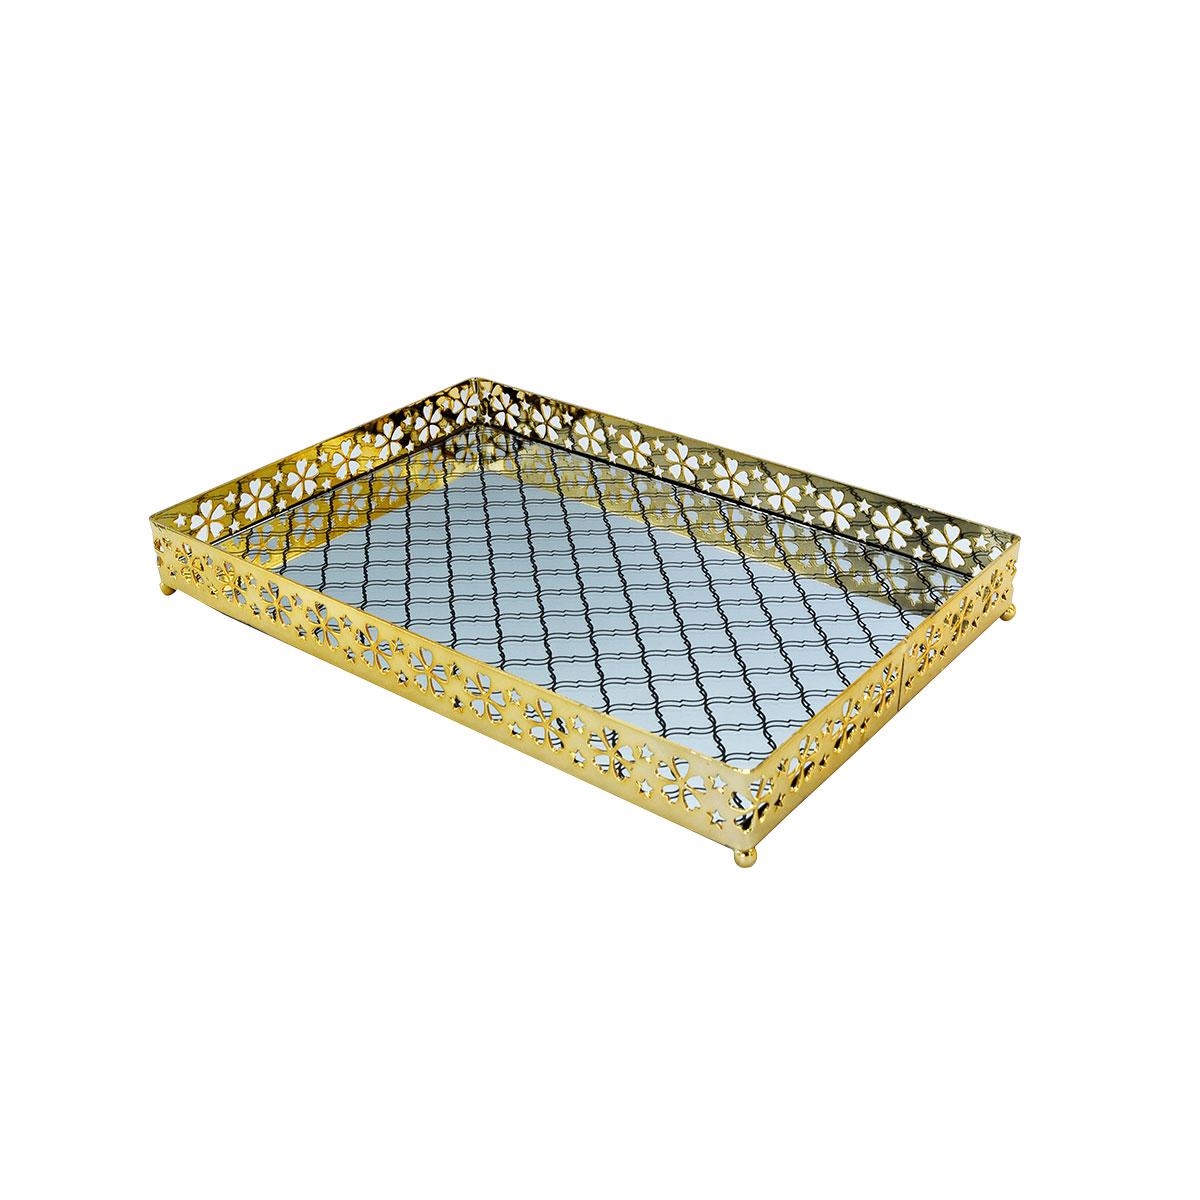 طفرية تقديم استيل مع مرايا مستطيل ذهبي - 997436